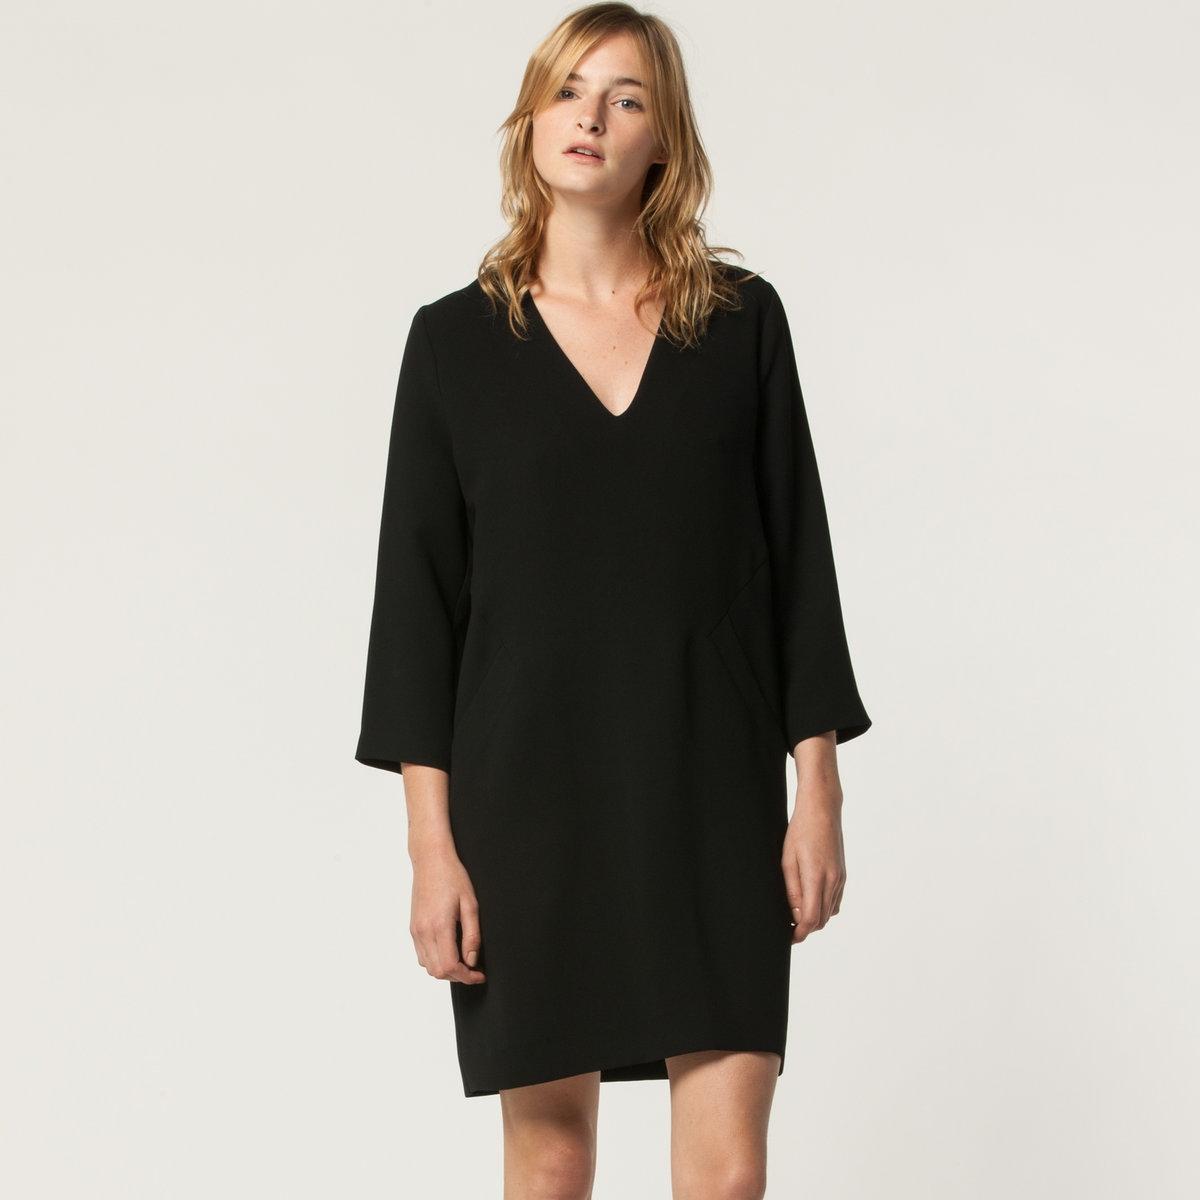 Платье PERINEПлатье PERINE от TOUPY, 100% полиэстер. Рукава 3/4, V-образный вырез. 2 кармана.<br><br>Цвет: кобальтовый синий,черный<br>Размер: S.XL